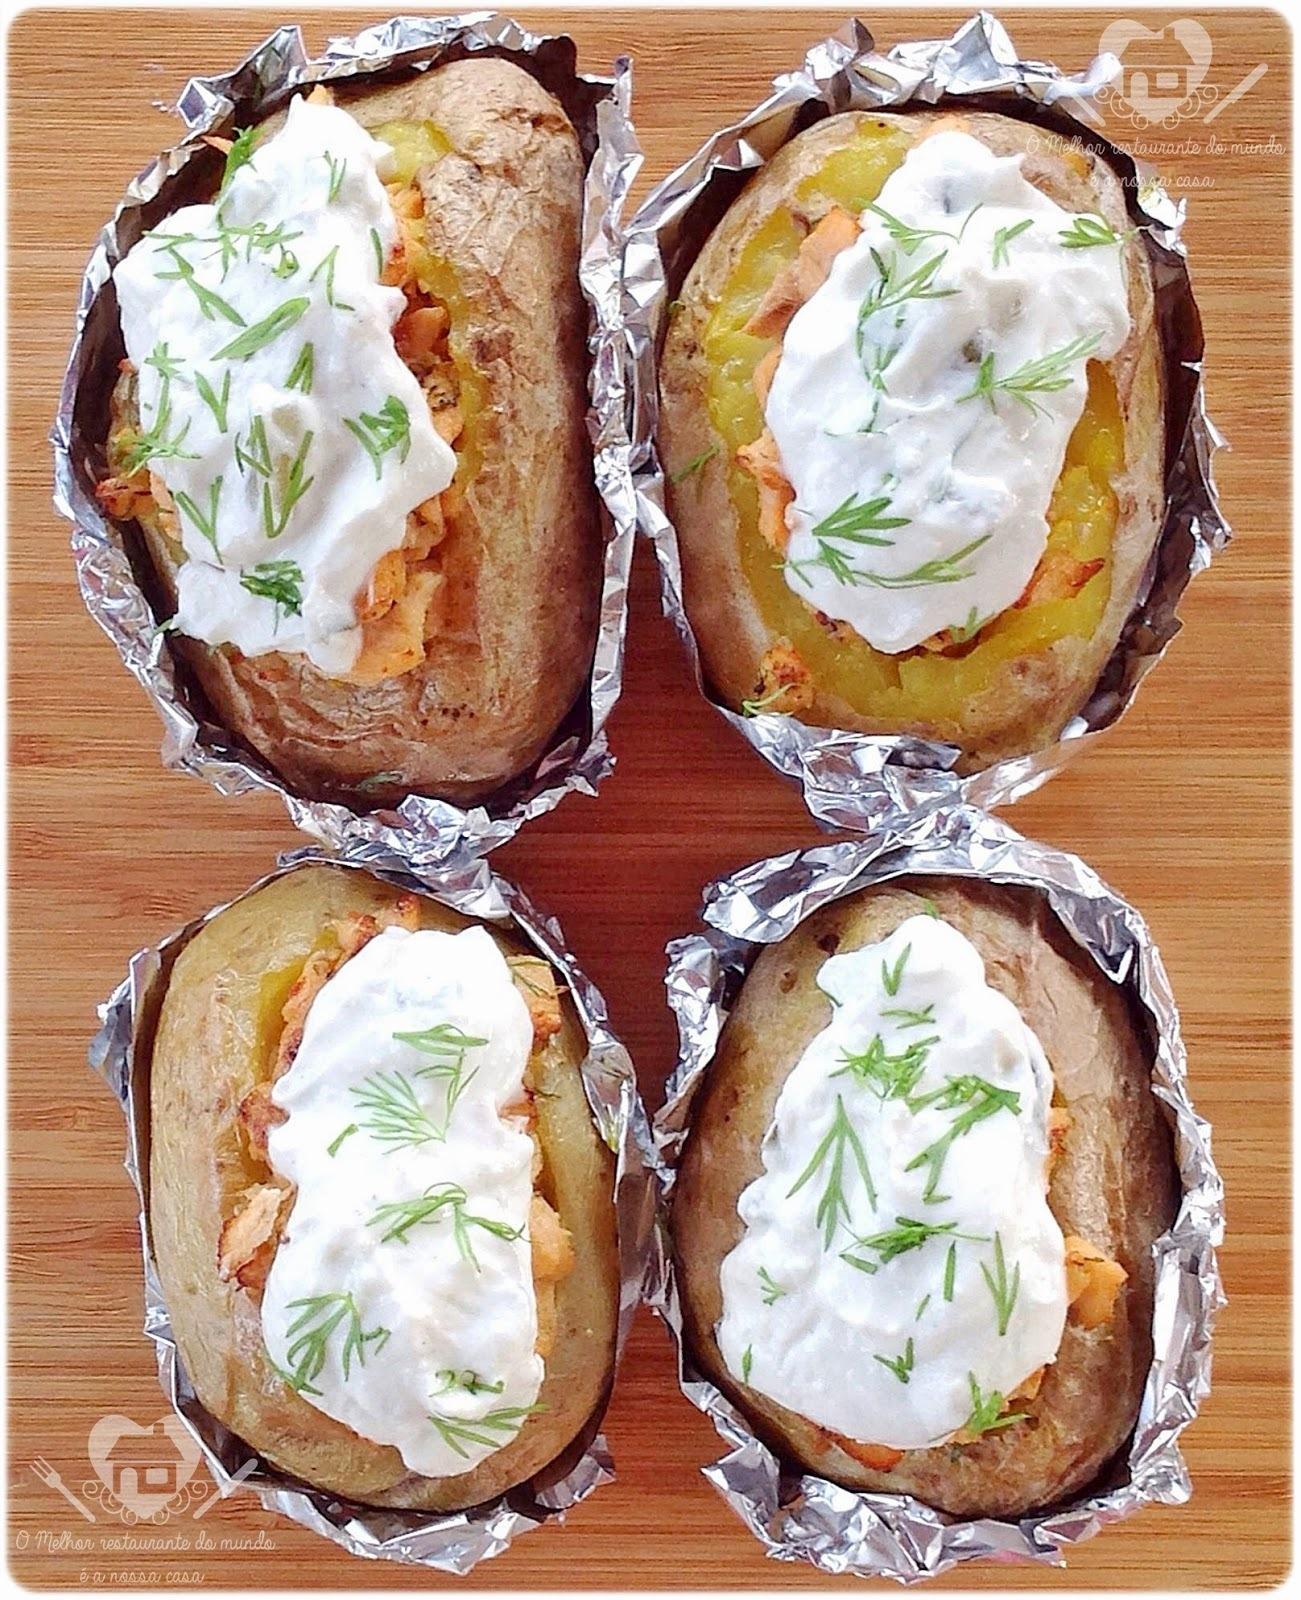 Baked Potatoes com Recheio de Salmão e Cobertura de Cream Cheese